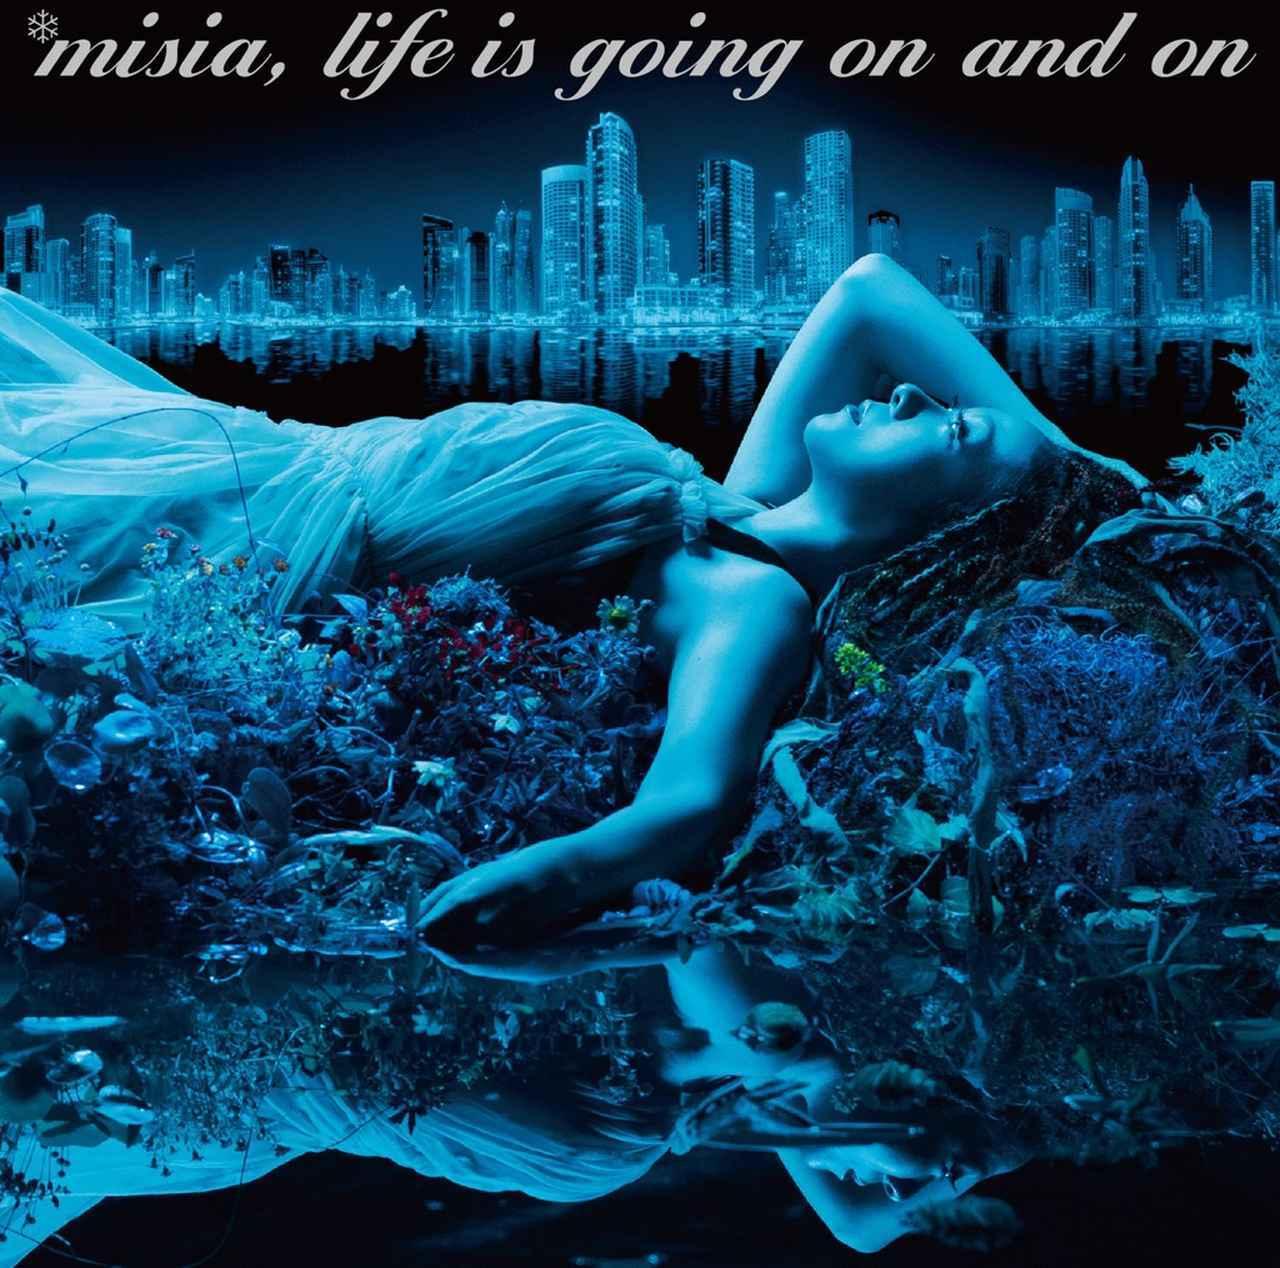 画像: Life is going on and on / MISIA